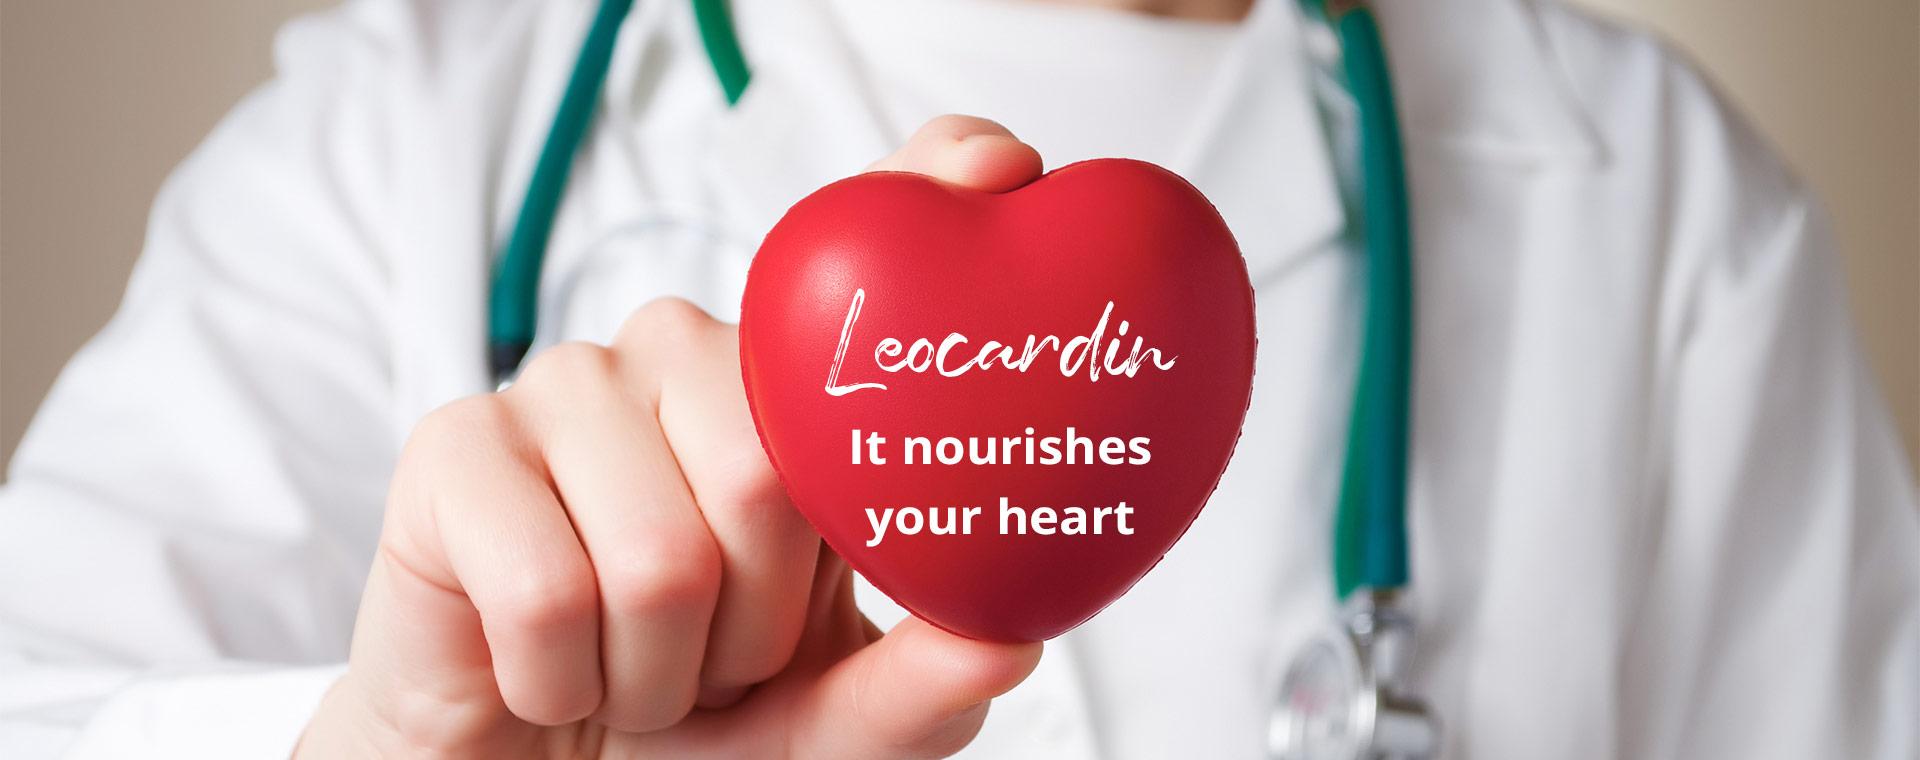 leocardin